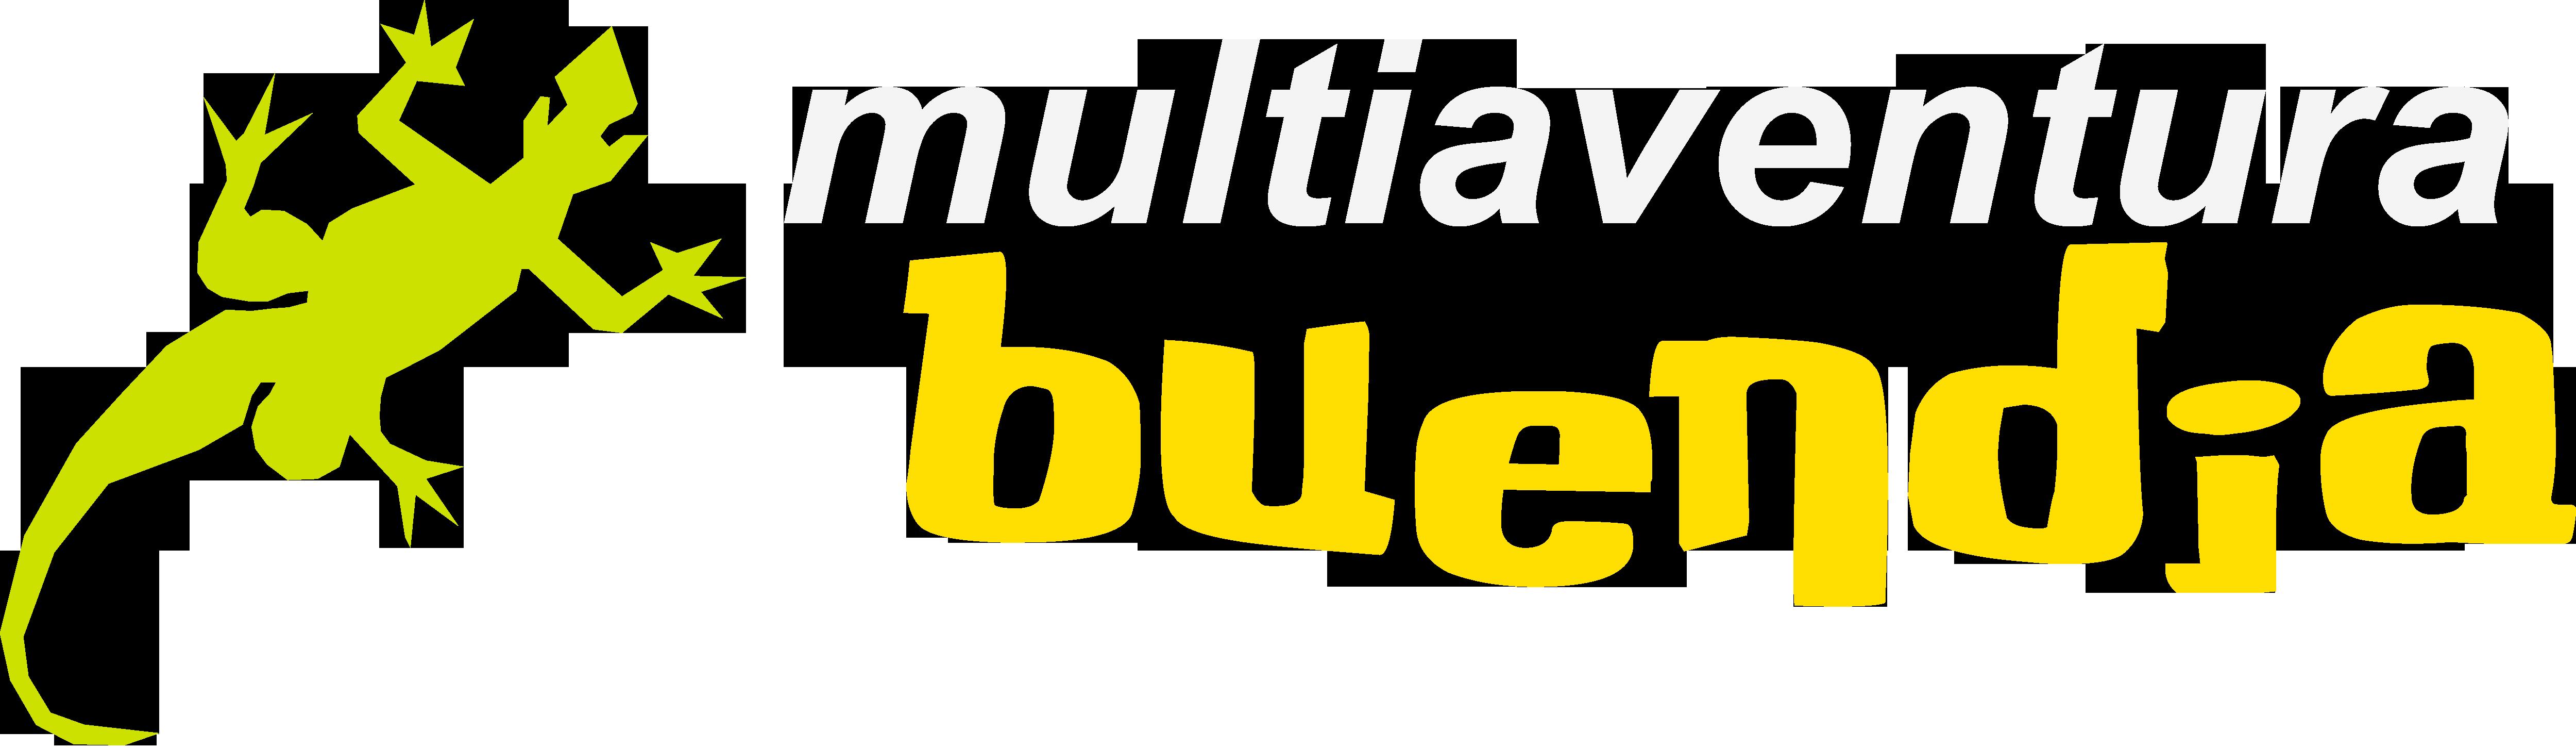 www.multiaventurabuendia.es